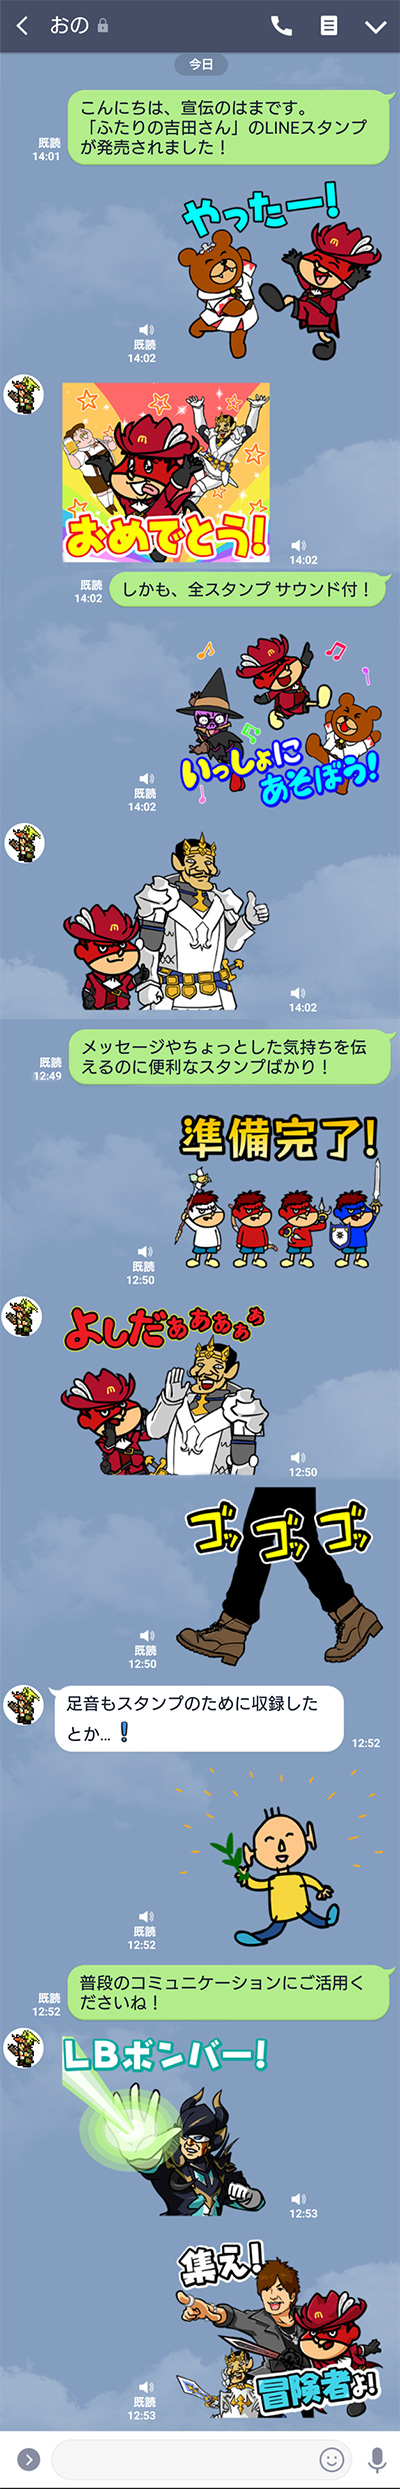 JP20181026_he_.jpg